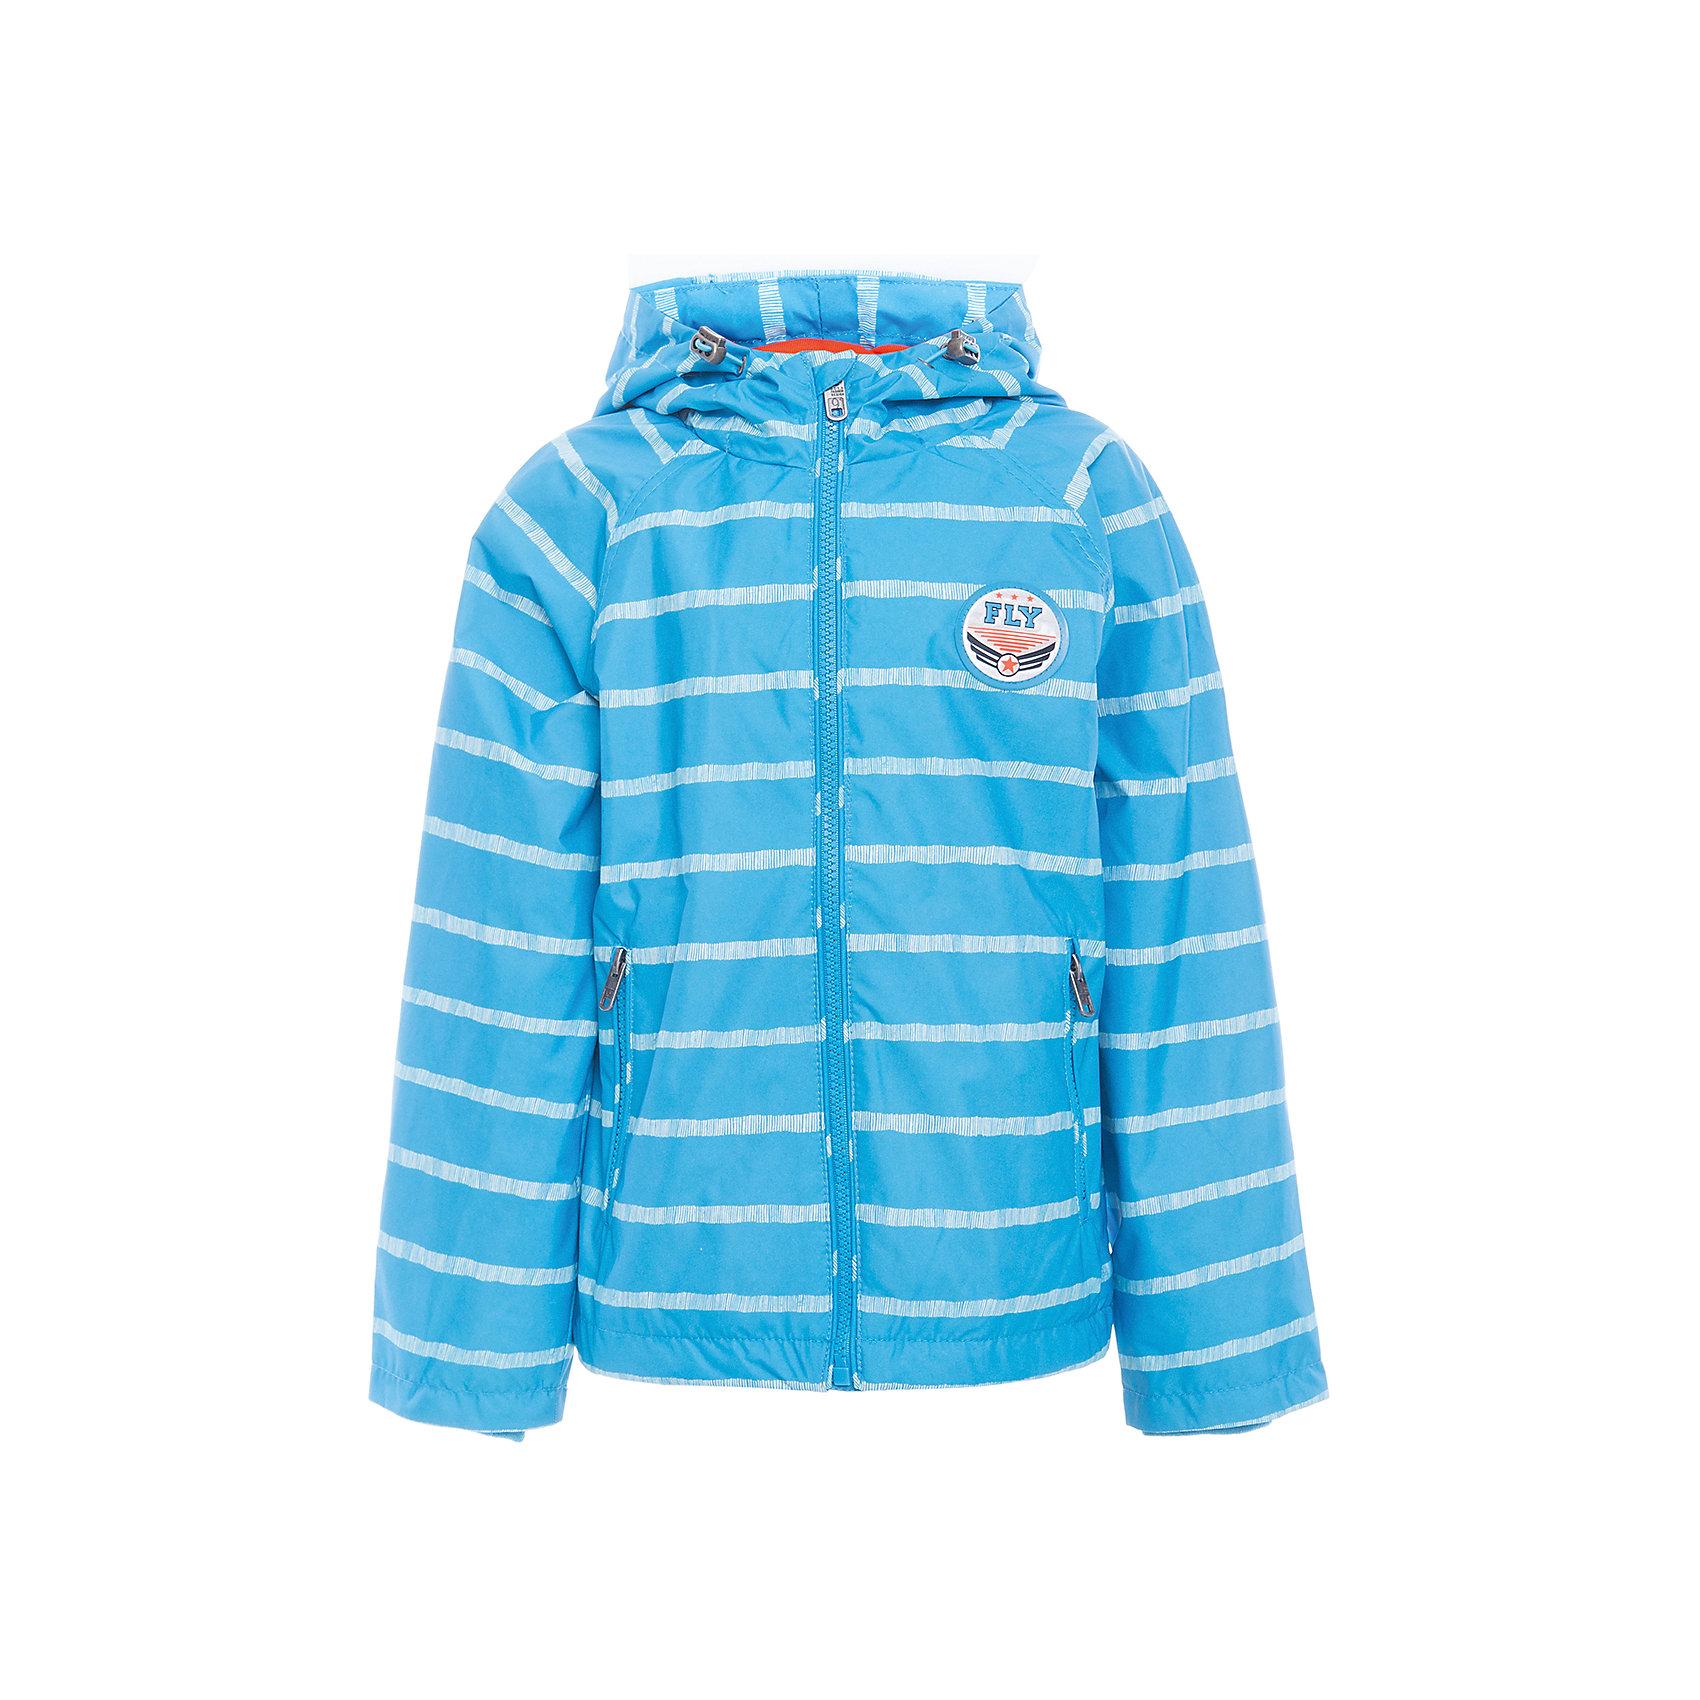 Куртка для мальчика SELAВерхняя одежда<br>Куртка для мальчика от известного бренда SELA<br>Состав:<br>100% ПЭ<br><br>Ширина мм: 356<br>Глубина мм: 10<br>Высота мм: 245<br>Вес г: 519<br>Цвет: синий<br>Возраст от месяцев: 60<br>Возраст до месяцев: 72<br>Пол: Мужской<br>Возраст: Детский<br>Размер: 116,98,104,110<br>SKU: 5305218